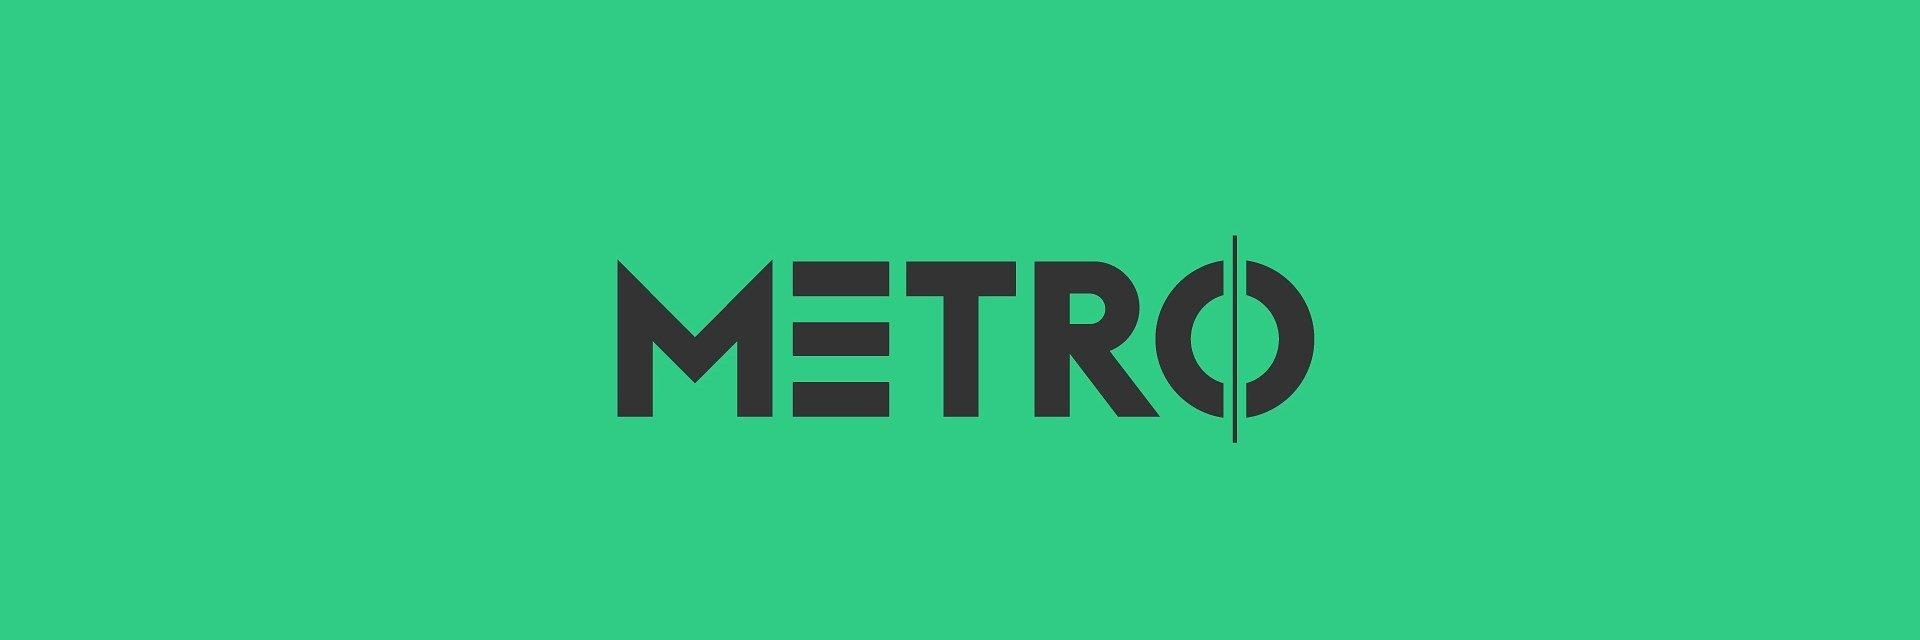 Co nowego jesienią w telewizji Metro?